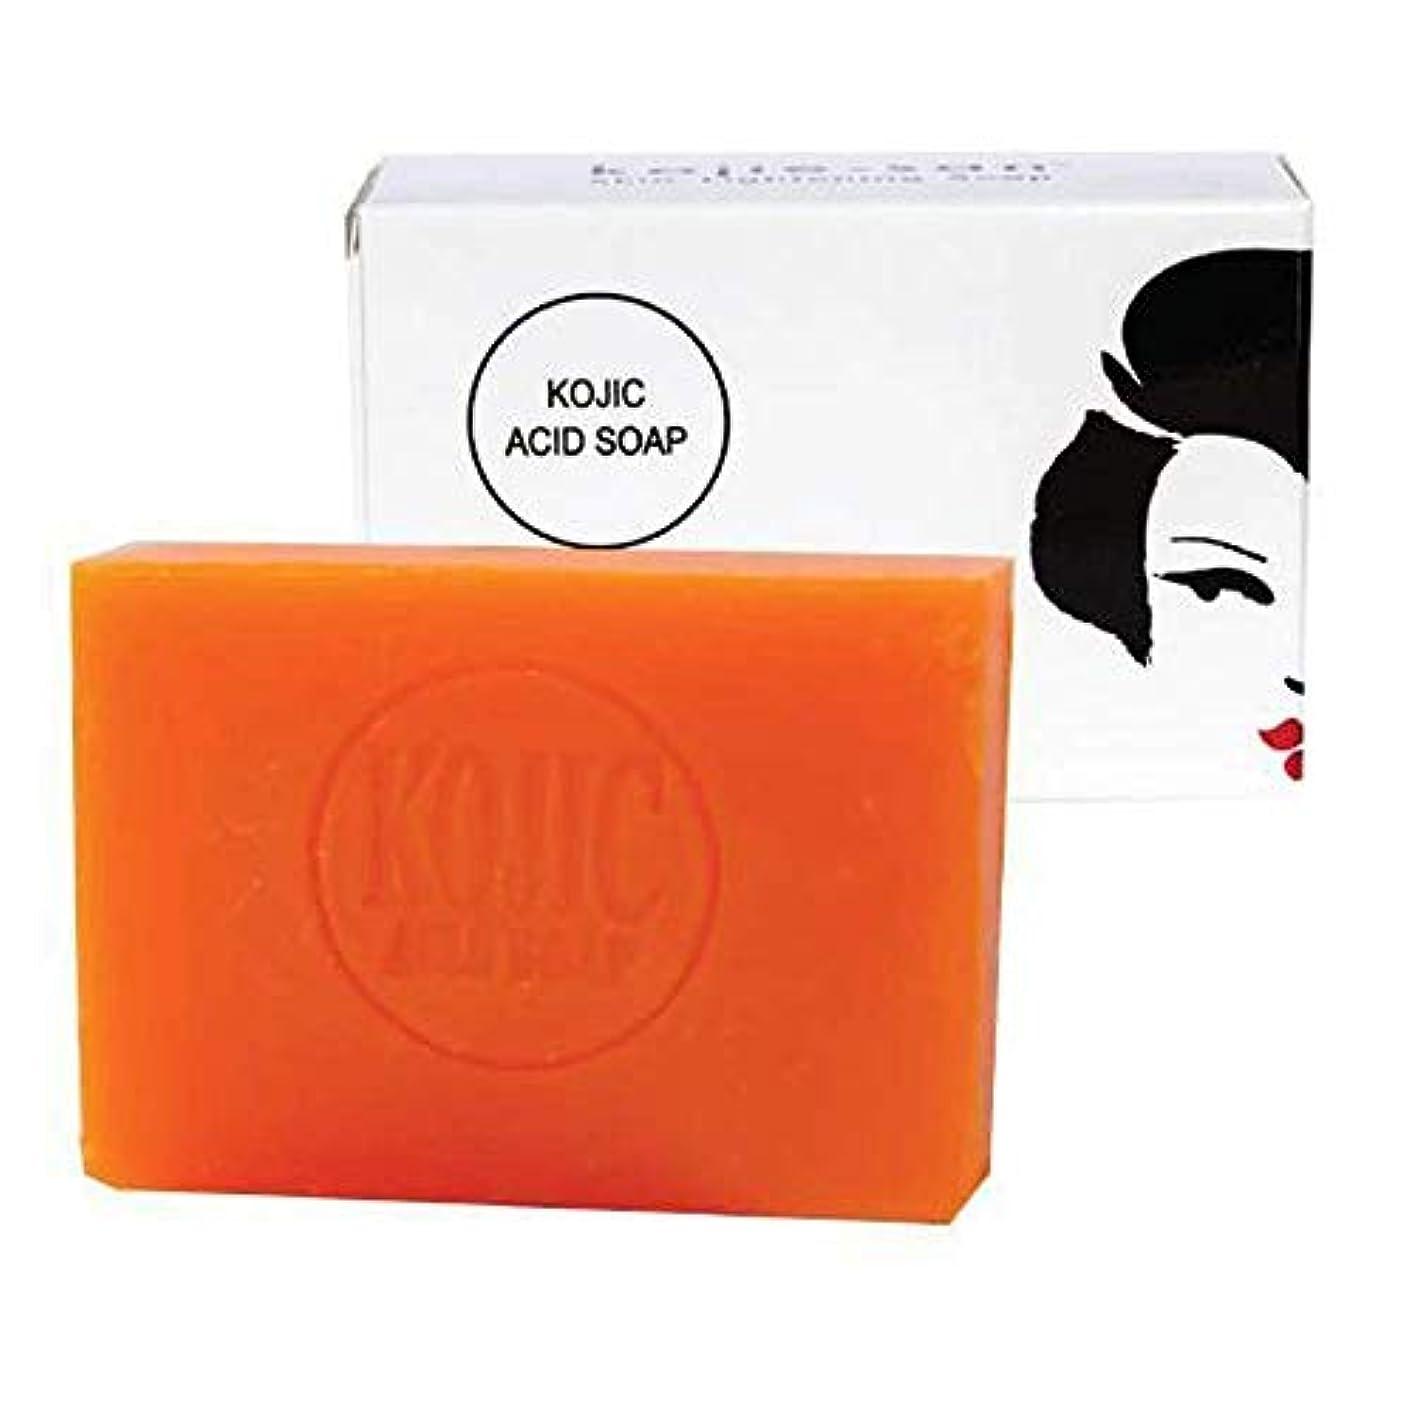 深い壊れた平衡Kojie San Skin Lightening Kojic Acid Soap 2 Bars - 65G Fades Age Spots, Freckles, And Other Signs Of Sun Damage...